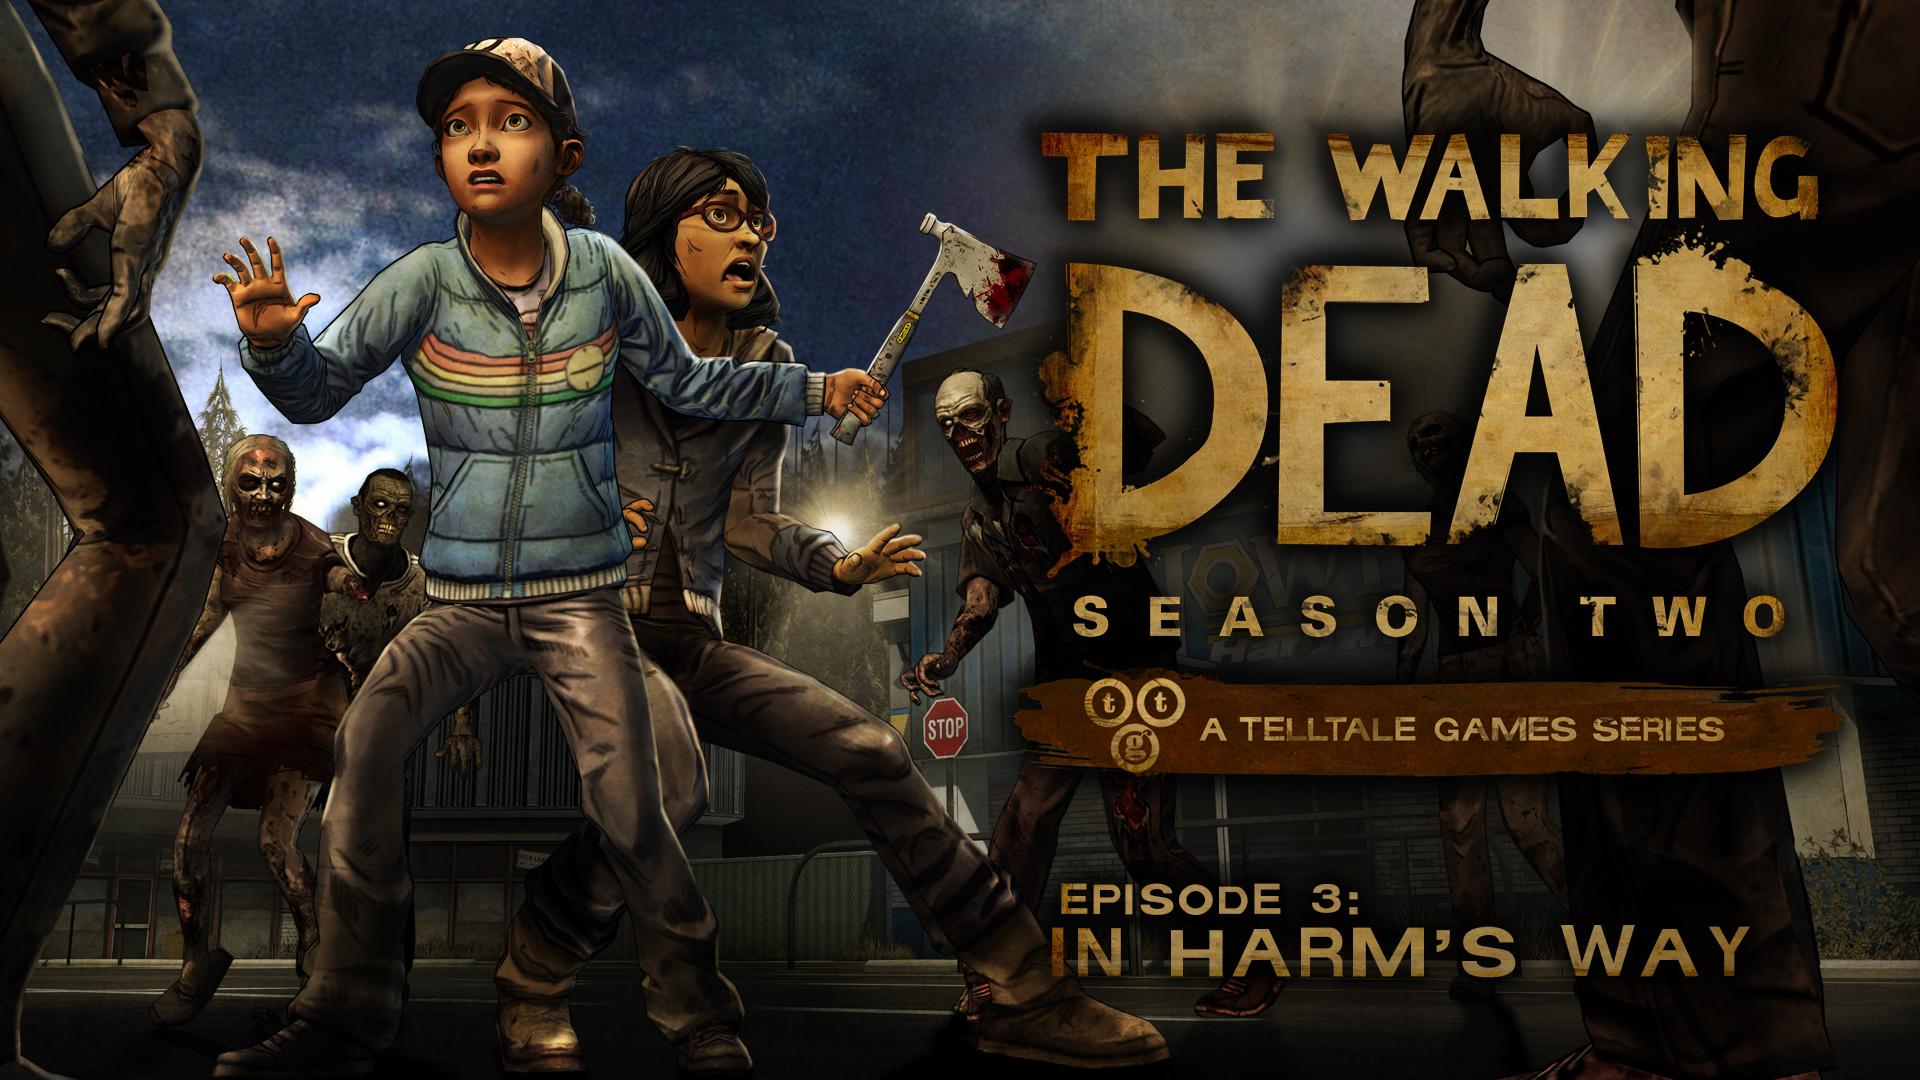 The Walking Dead: Season Two Episodes 1, 3 & 4 [Xbox 360 / Xbox One / Series X S] Free @ Xbox Store